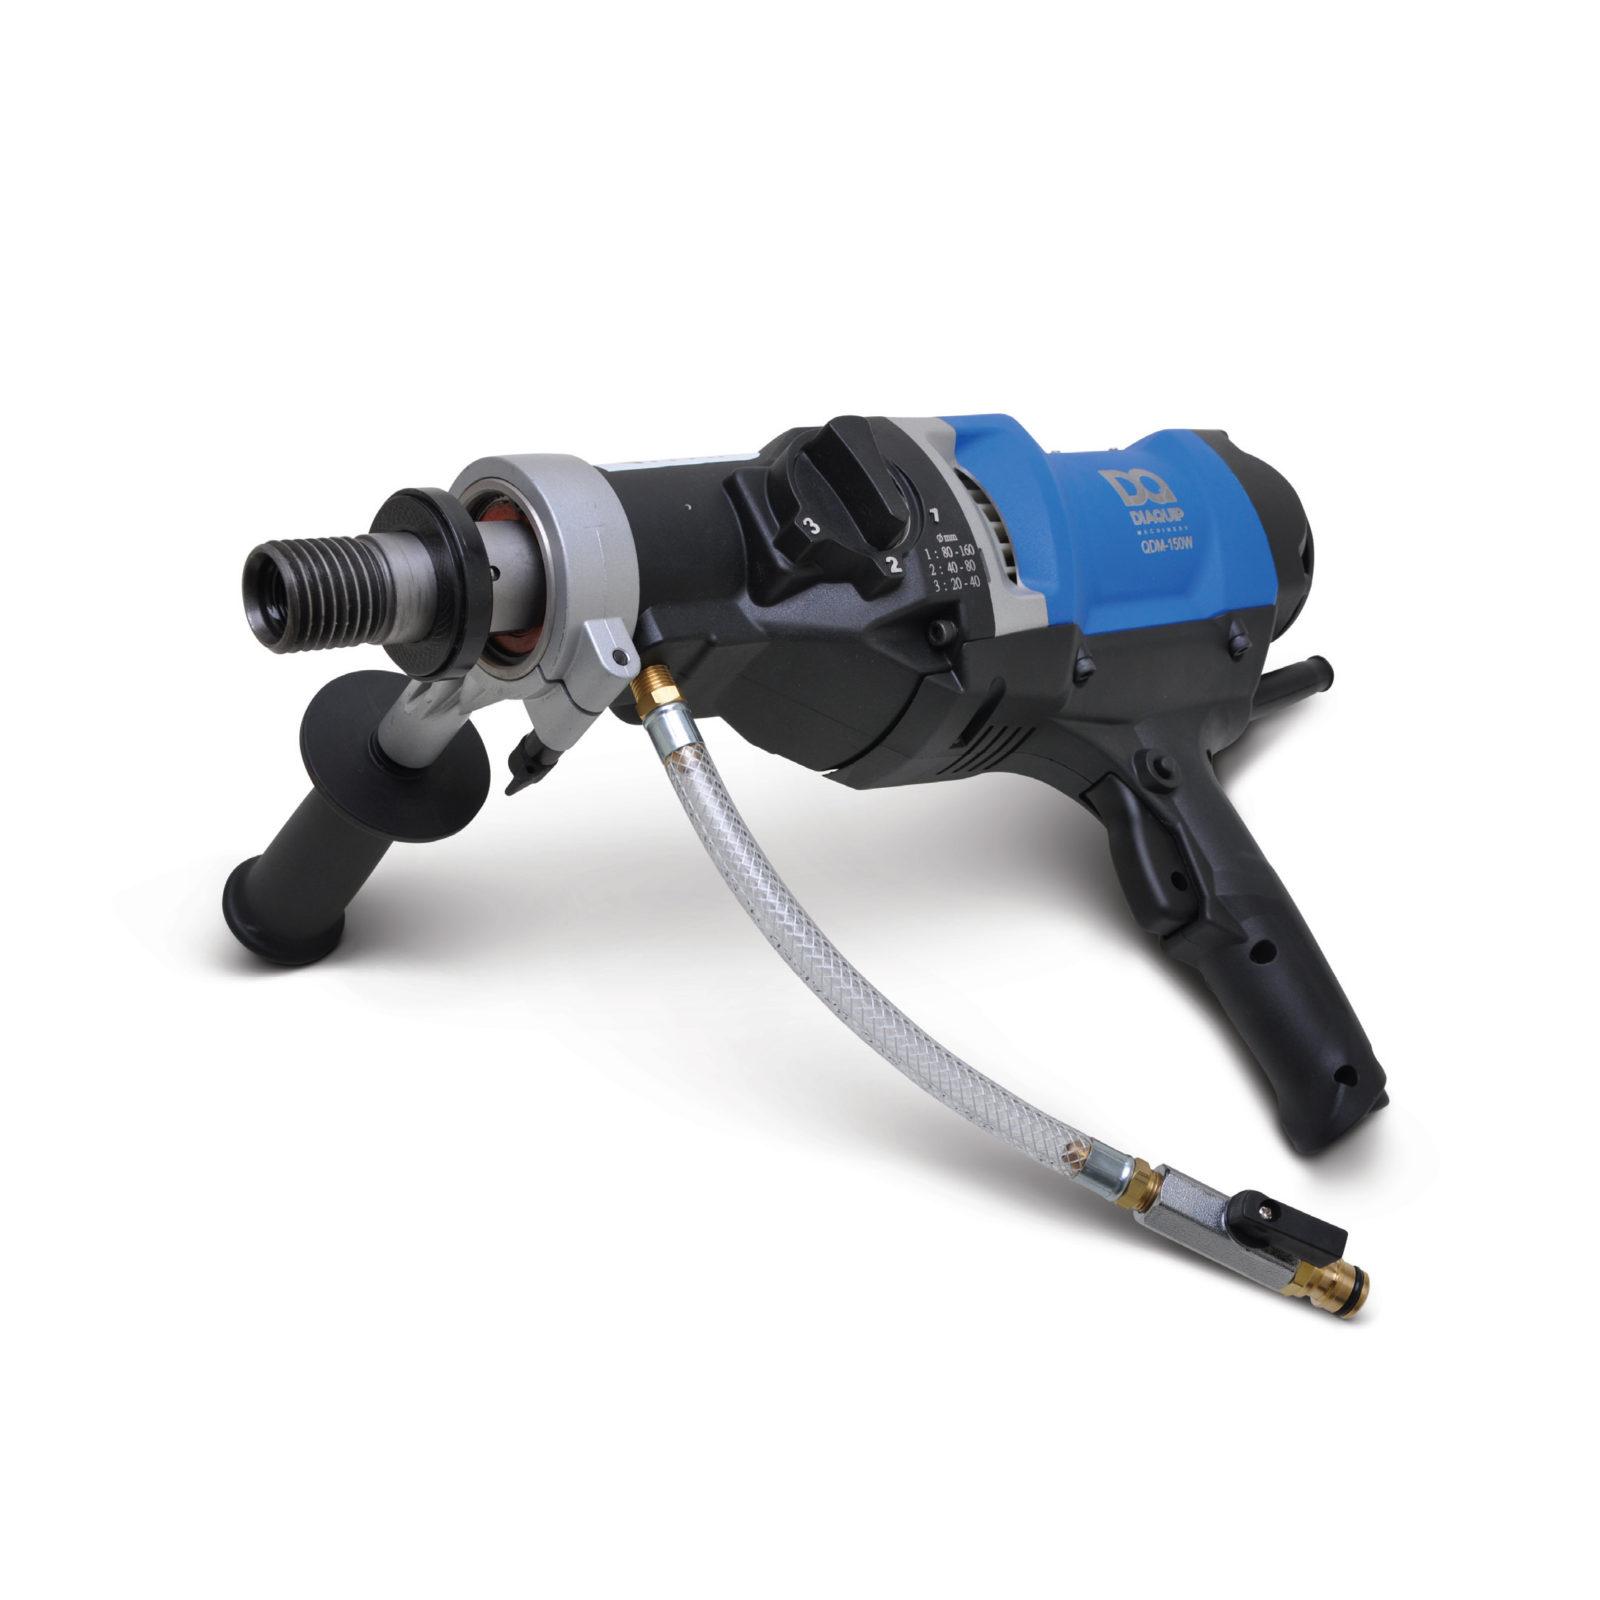 Qdm 150w Elite Drill Motor Harbro Supplies Ltd